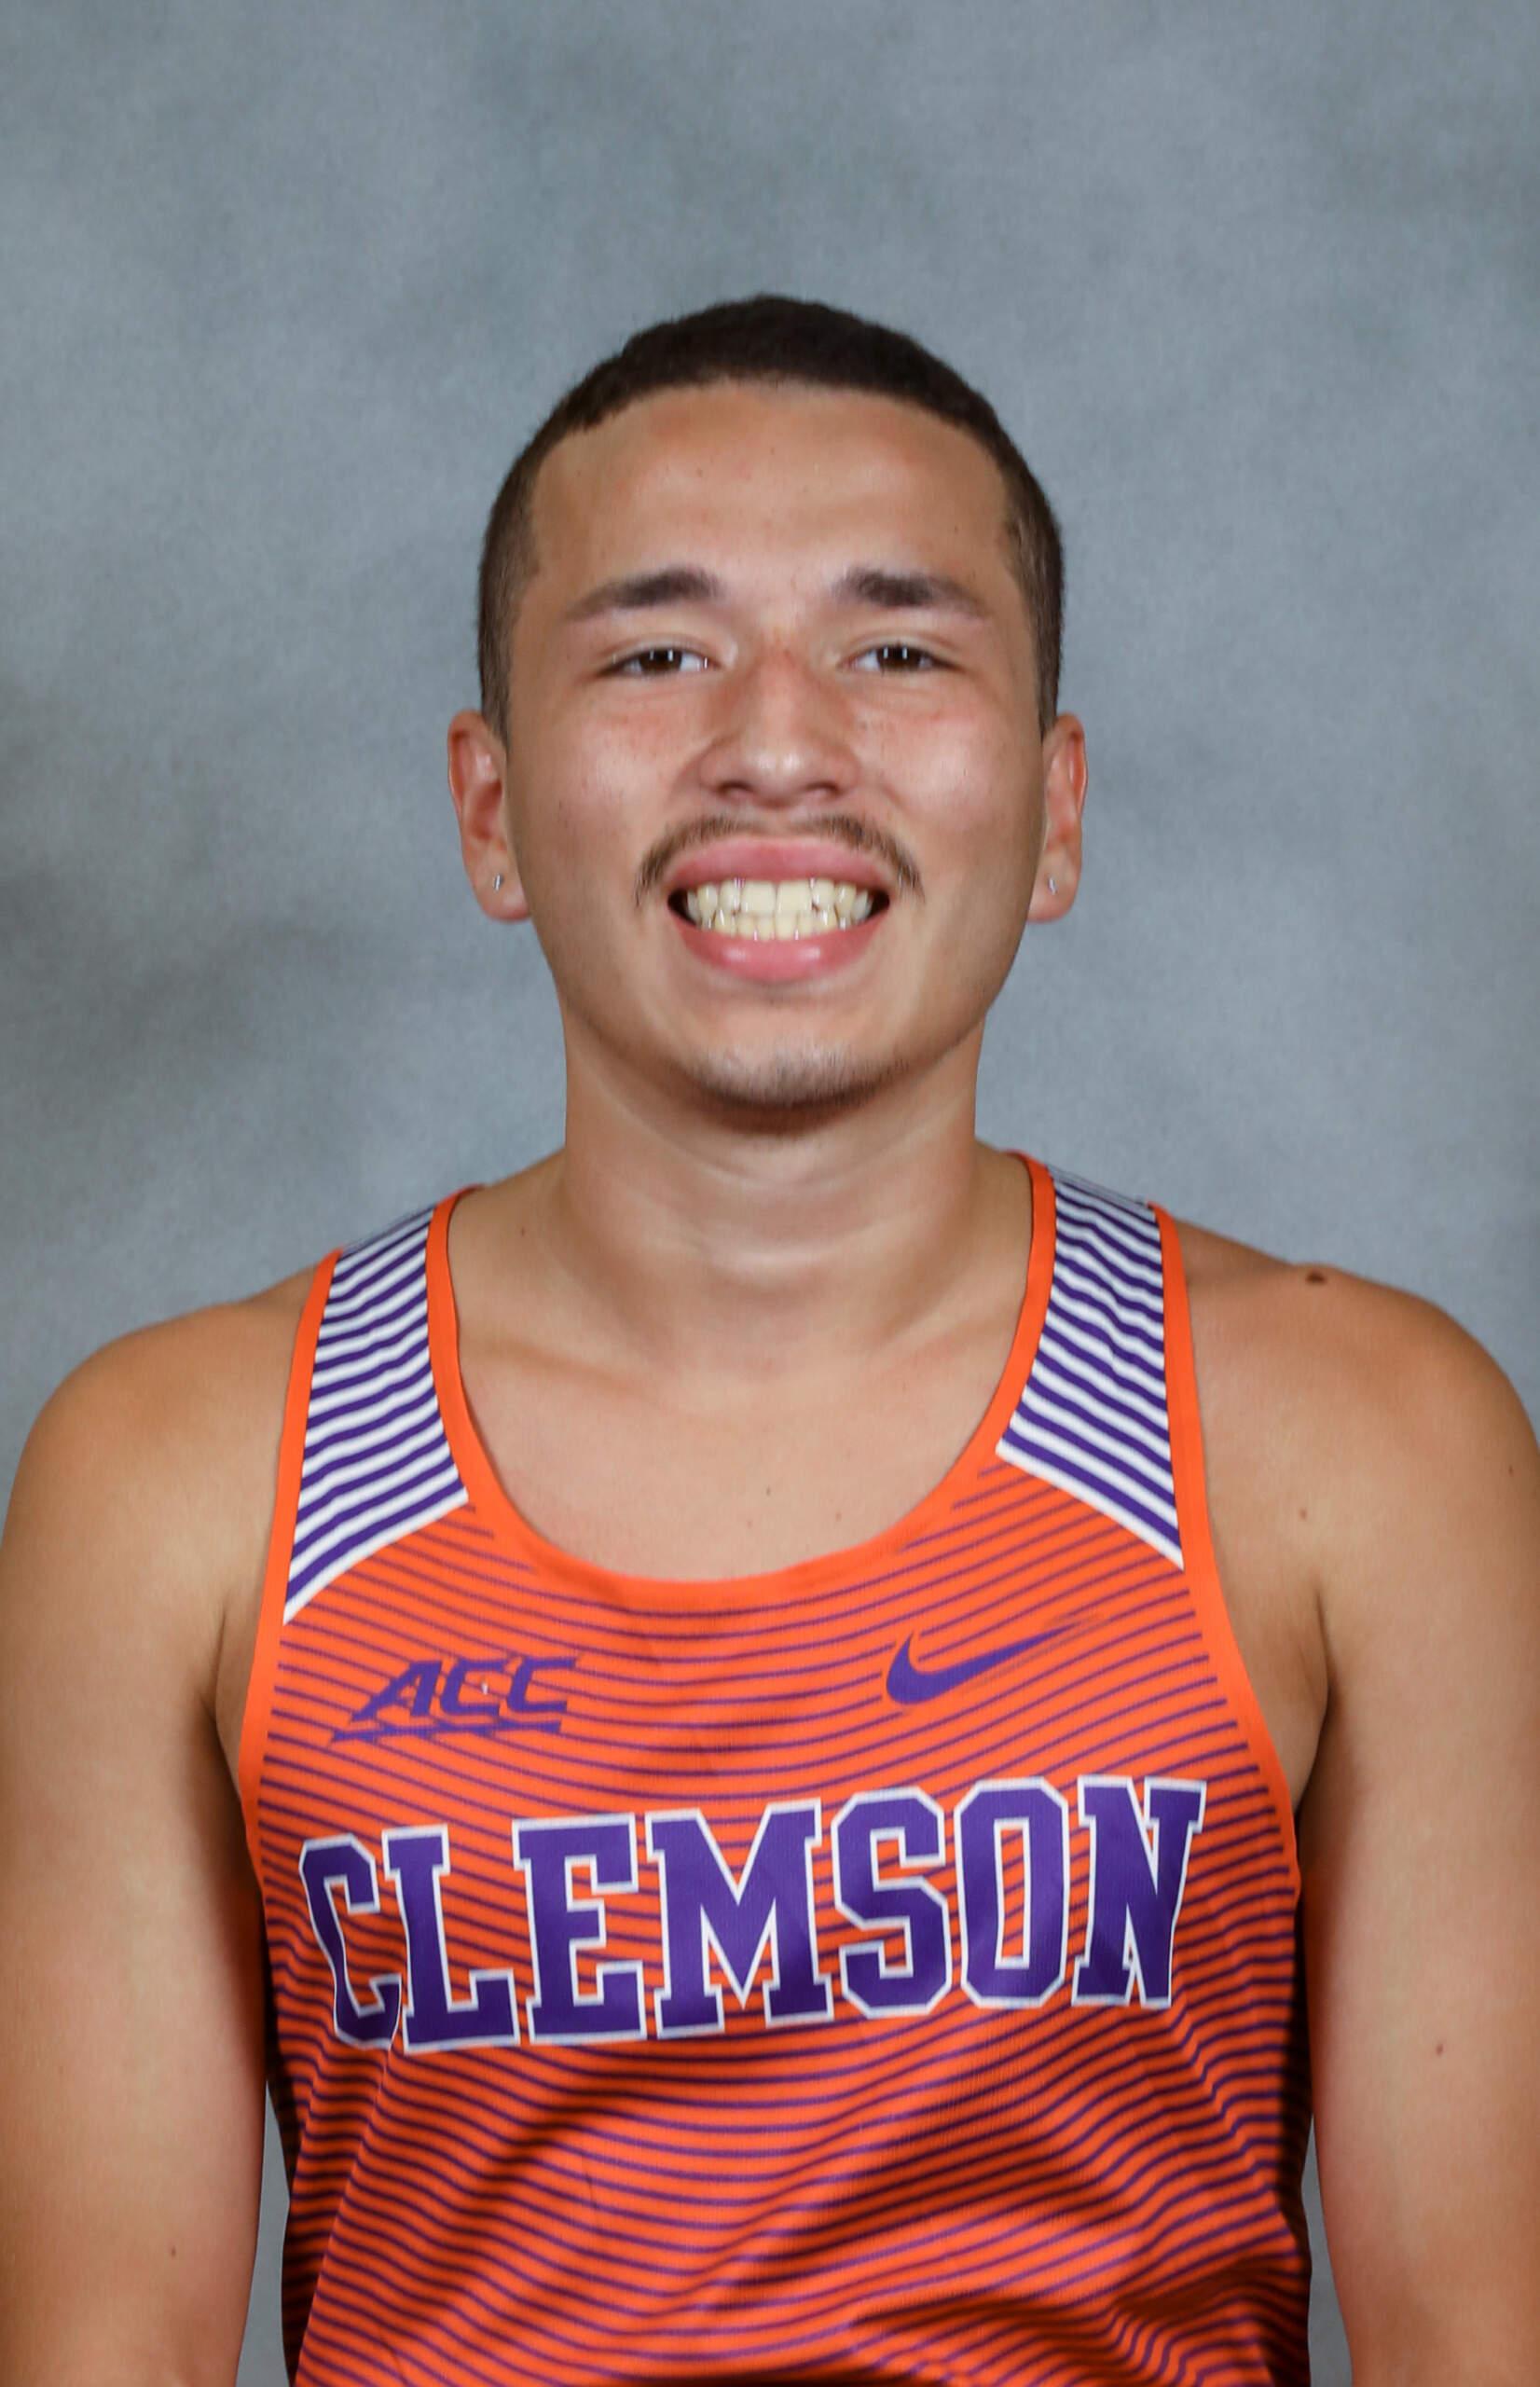 Andrew Castano - Cross Country - Clemson University Athletics